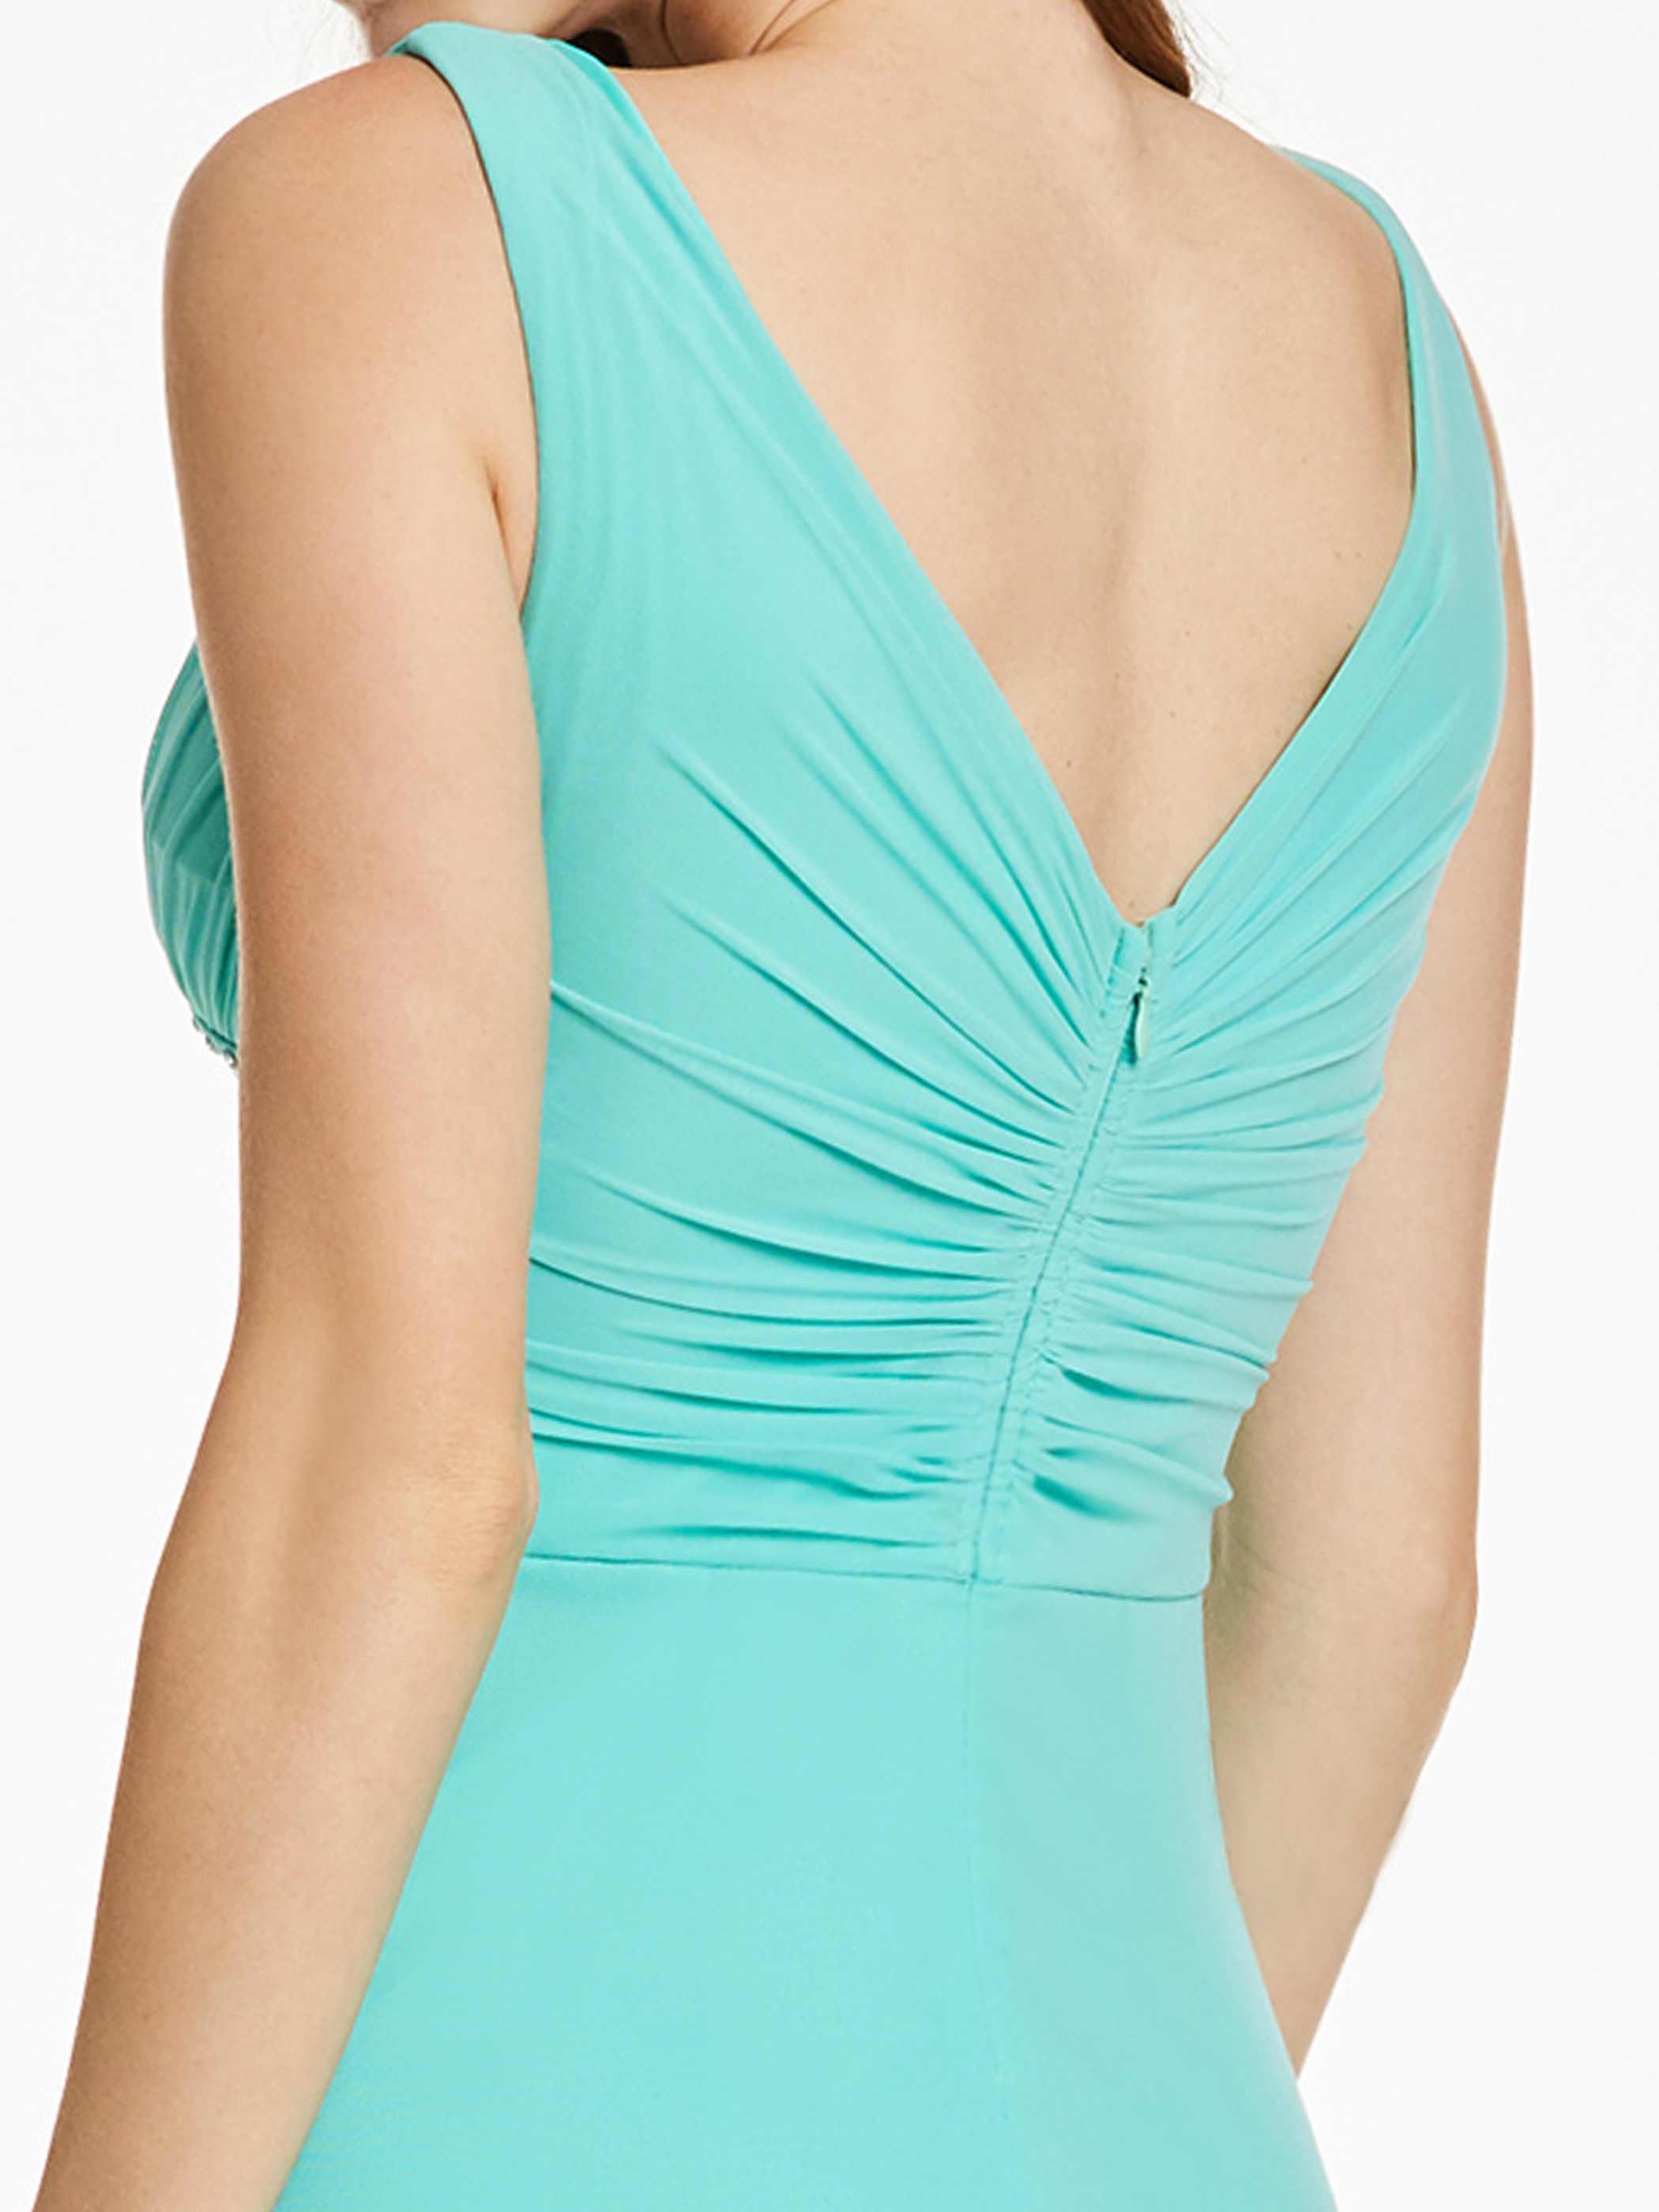 Dressv الخامس الرقبة فستان سهرة طويل النعناع مطرز طيات بلا أكمام خط طول الكلمة سستة حتى فستان فساتين السهرة الرسمية الرخيصة